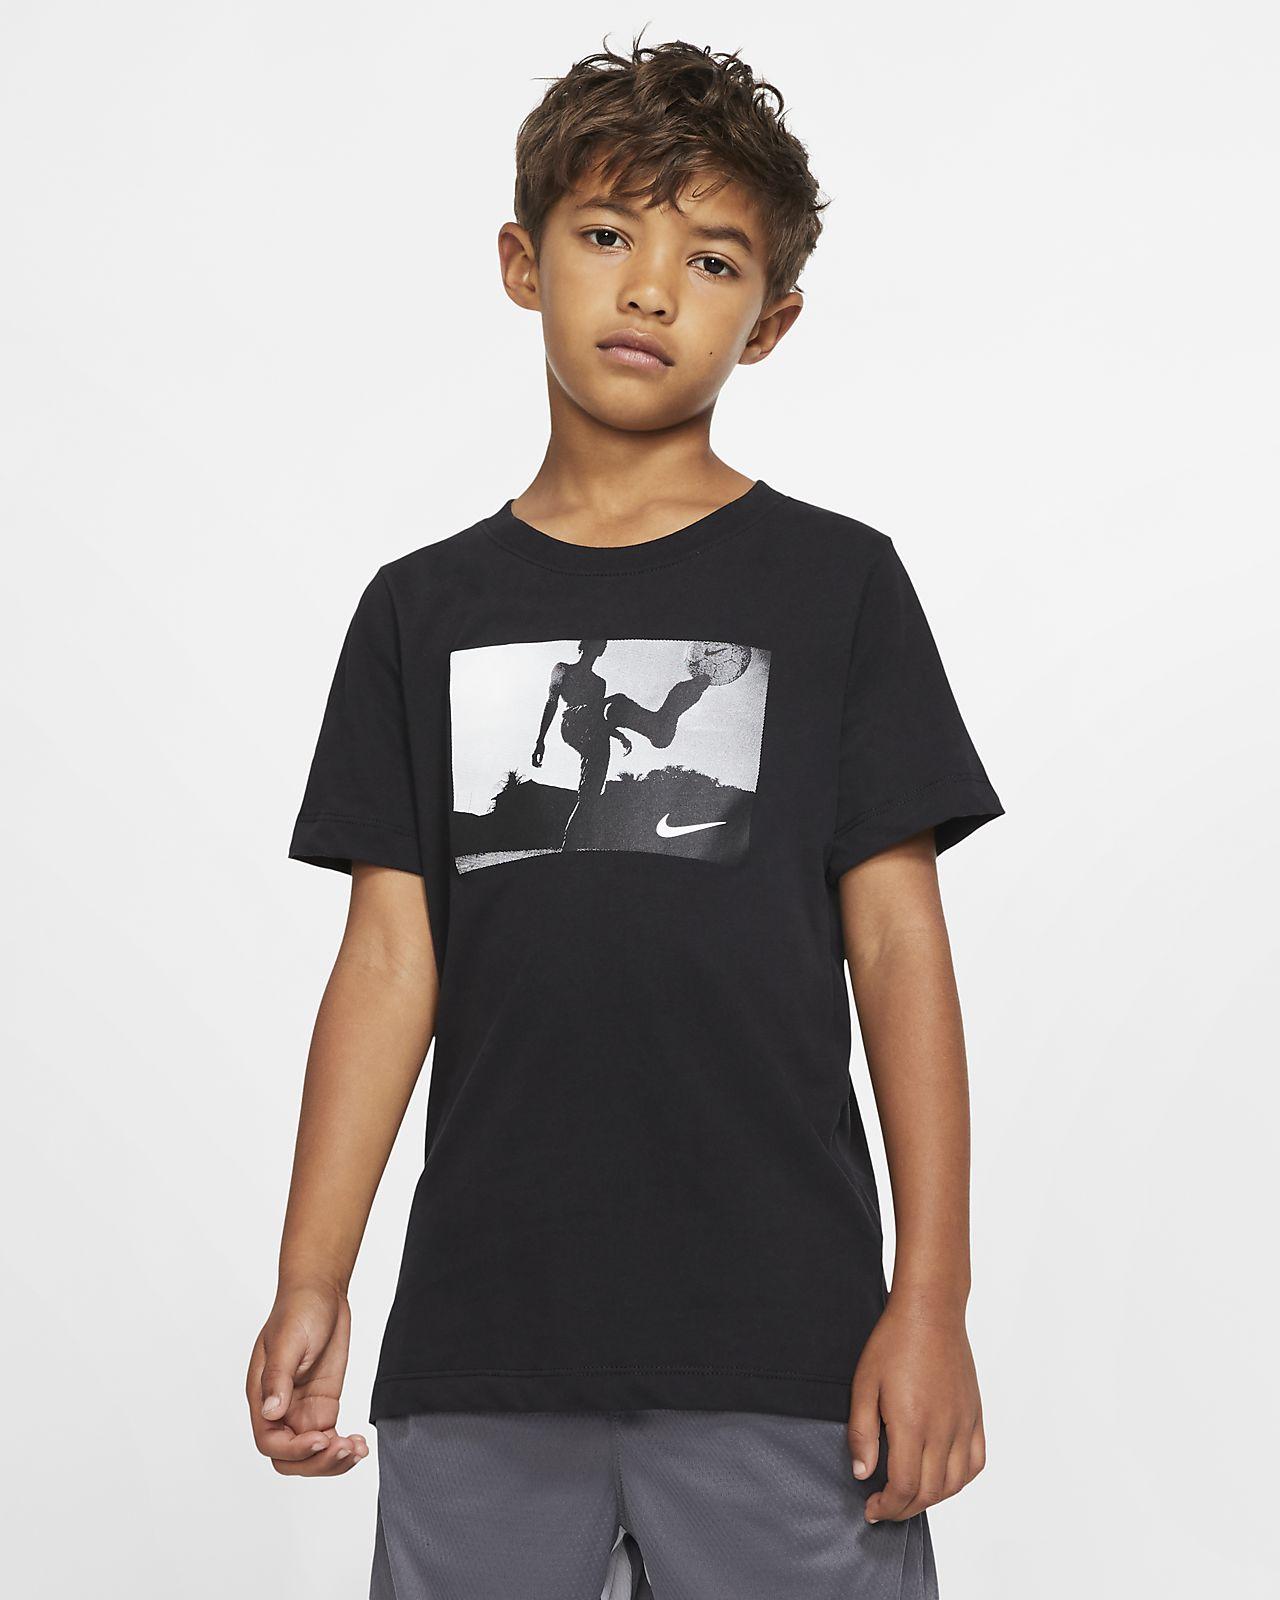 Nike Dri-FIT Big Kids' Training T-Shirt